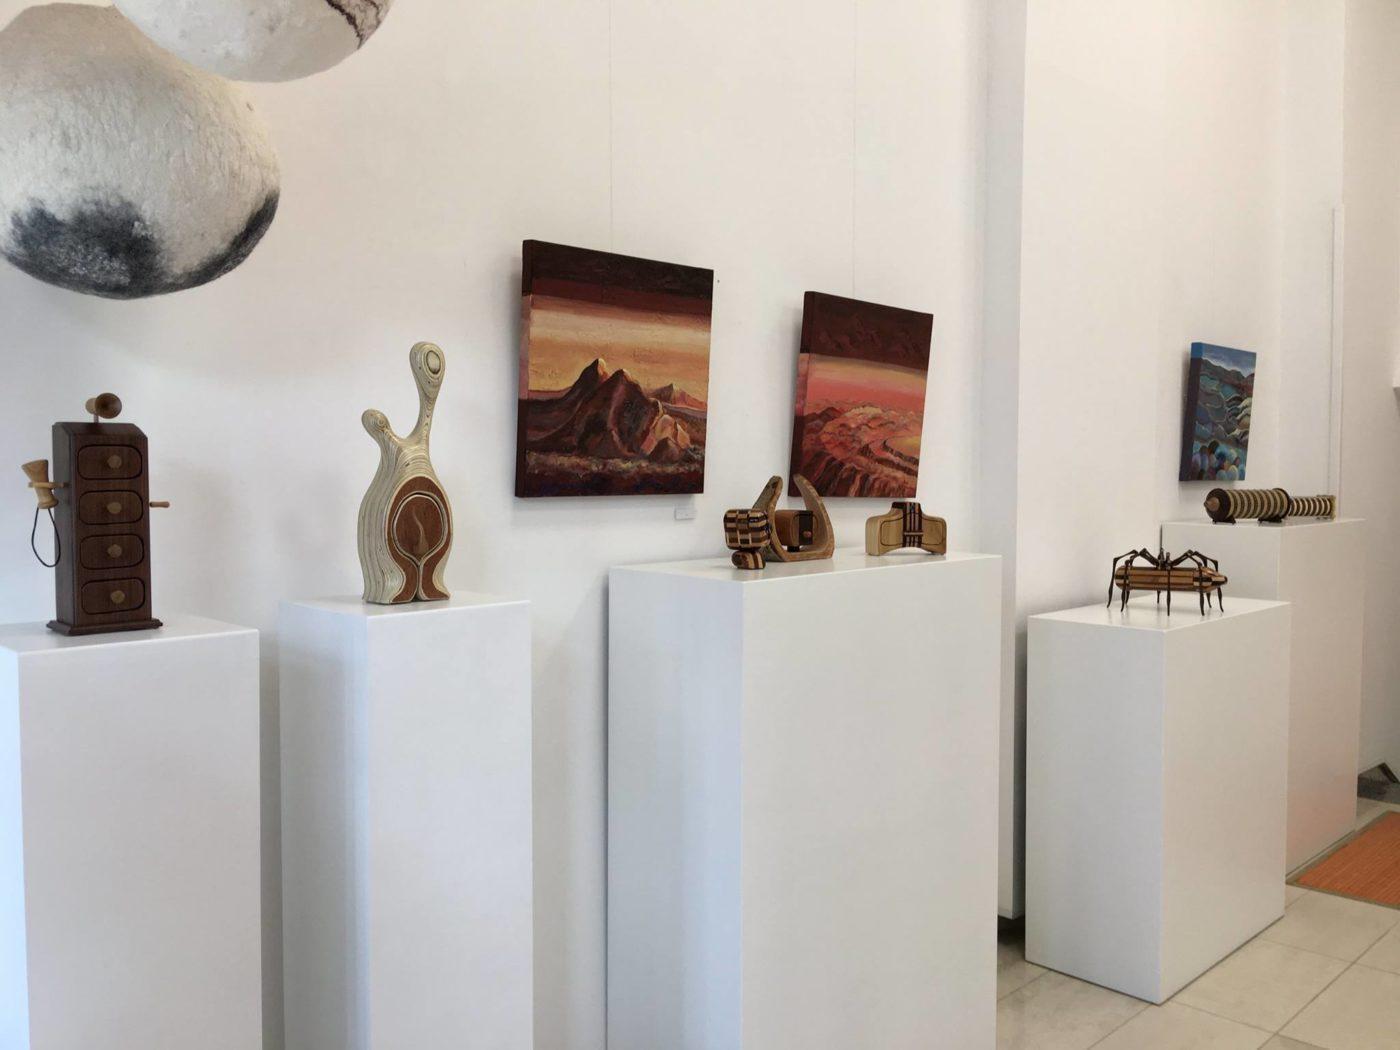 Doble ración de arte en La Ranilla Espacio Cultural